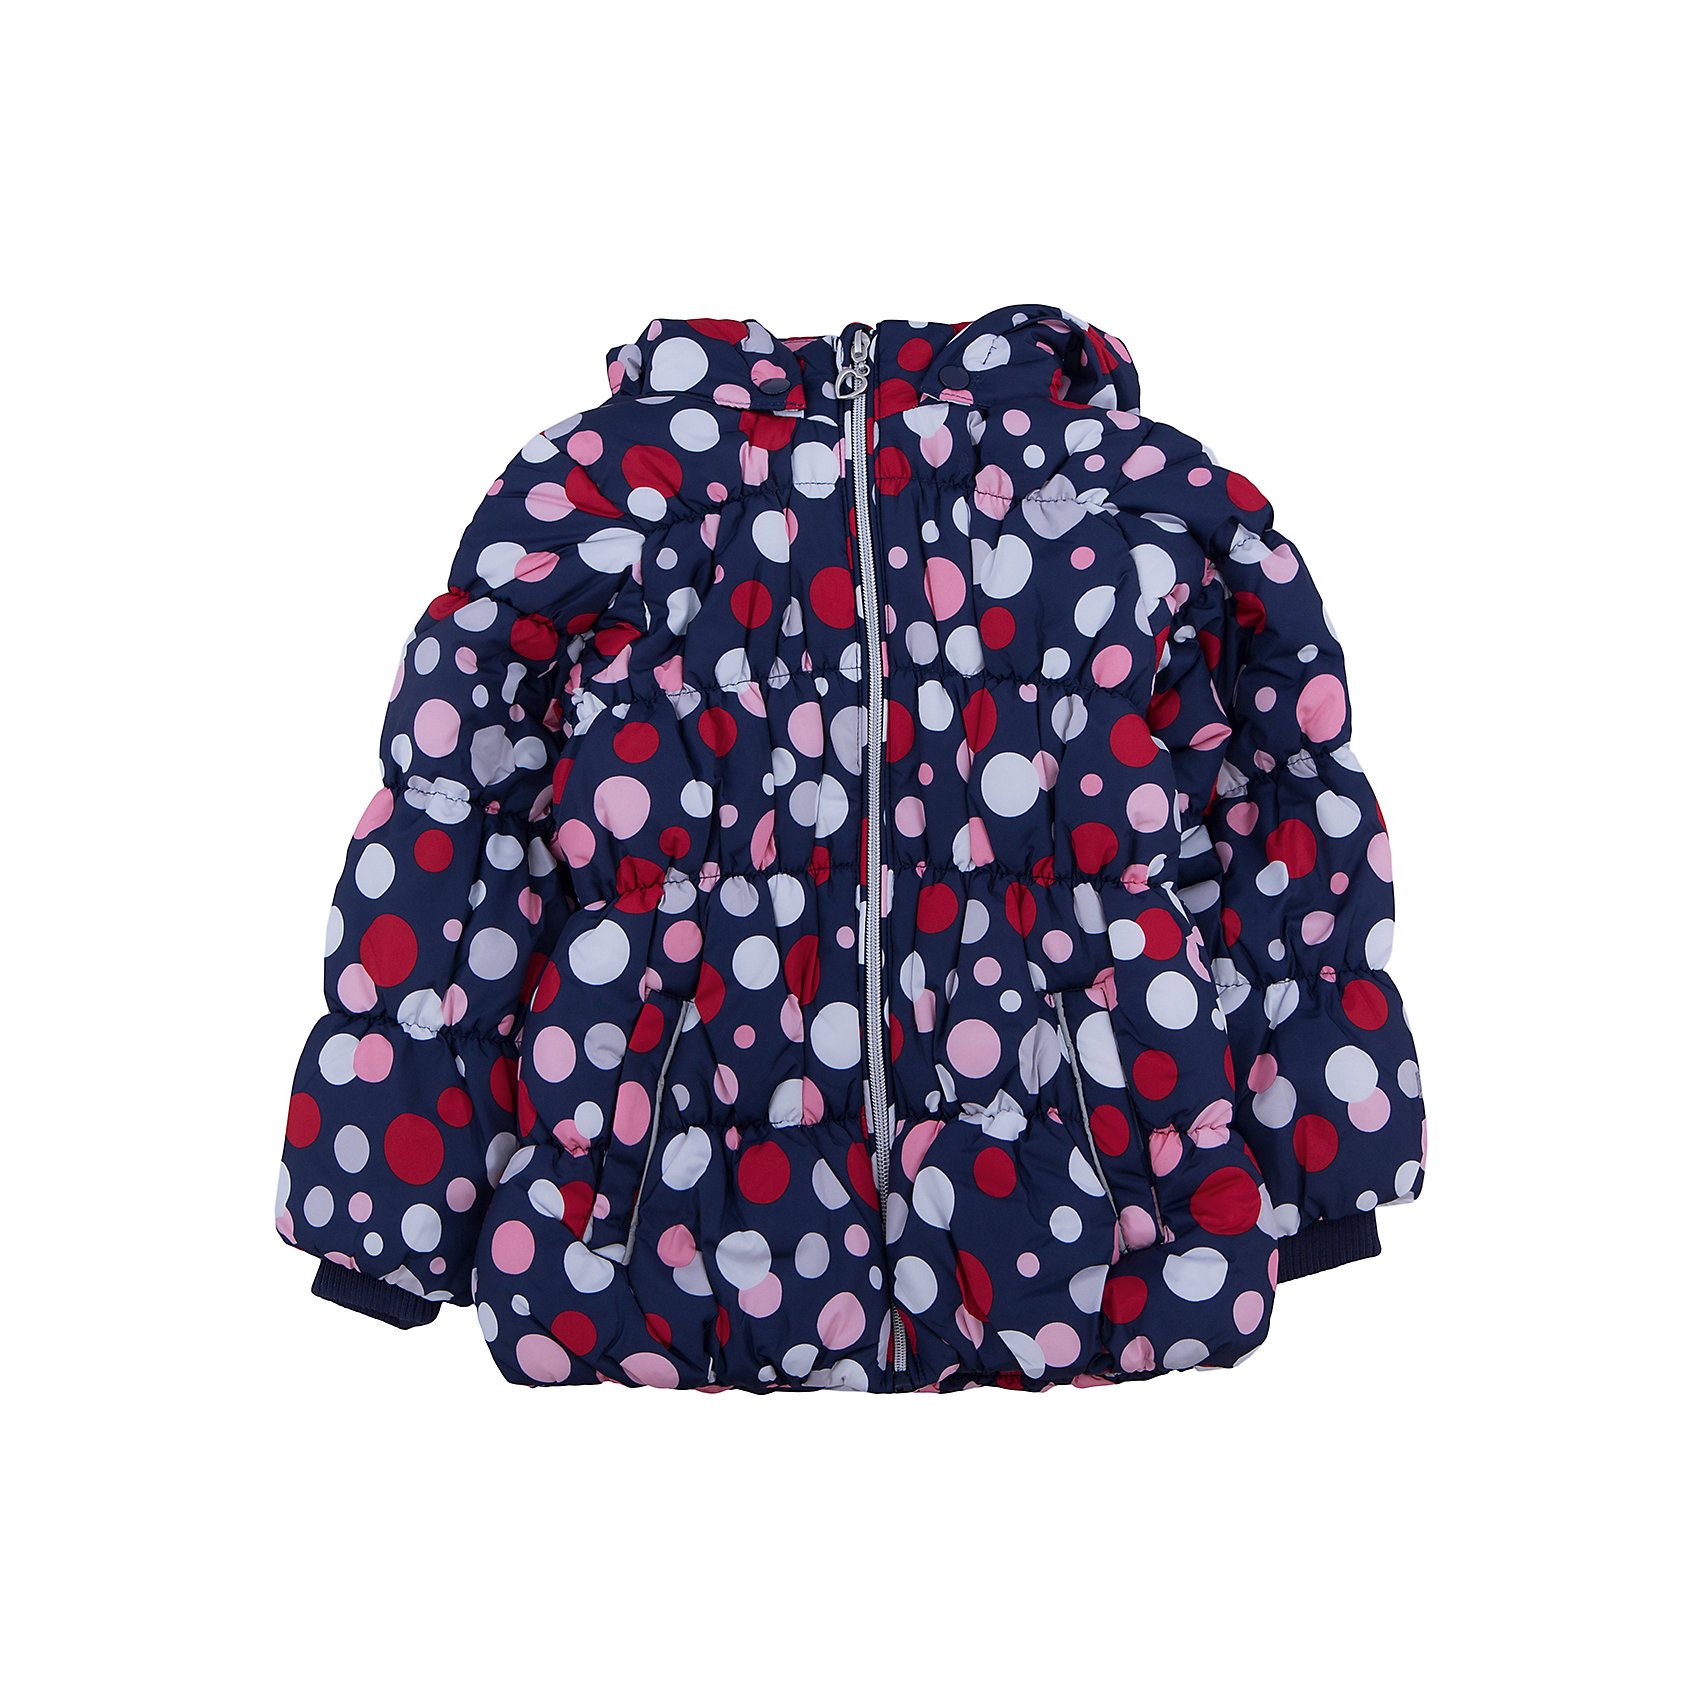 Куртка для девочки PlayTodayВерхняя одежда<br>Куртка для девочки от известного бренда PlayToday.<br>Мягкая и теплая стеганая куртка. Украшена ярким принтом в цветной горошек. Садится точно по фигуре ребенка, надежно защищая от ветра, снега и дождя. Застегивается на молнию с защитой подбородка и фигурным пуллером сердечком. На рукавах трикотажные манжеты. Внутри подкладка таффета. Капюшон утягивается стопперами, есть два кармана на липучках.<br>Состав:<br>Верх: 100% полиэстер, Подкладка: 100% полиэстер, Наполнитель: 100% полиэстер, 250 г/м2<br><br>Ширина мм: 356<br>Глубина мм: 10<br>Высота мм: 245<br>Вес г: 519<br>Цвет: разноцветный<br>Возраст от месяцев: 36<br>Возраст до месяцев: 48<br>Пол: Женский<br>Возраст: Детский<br>Размер: 104,122,128,116,110,98<br>SKU: 4897096